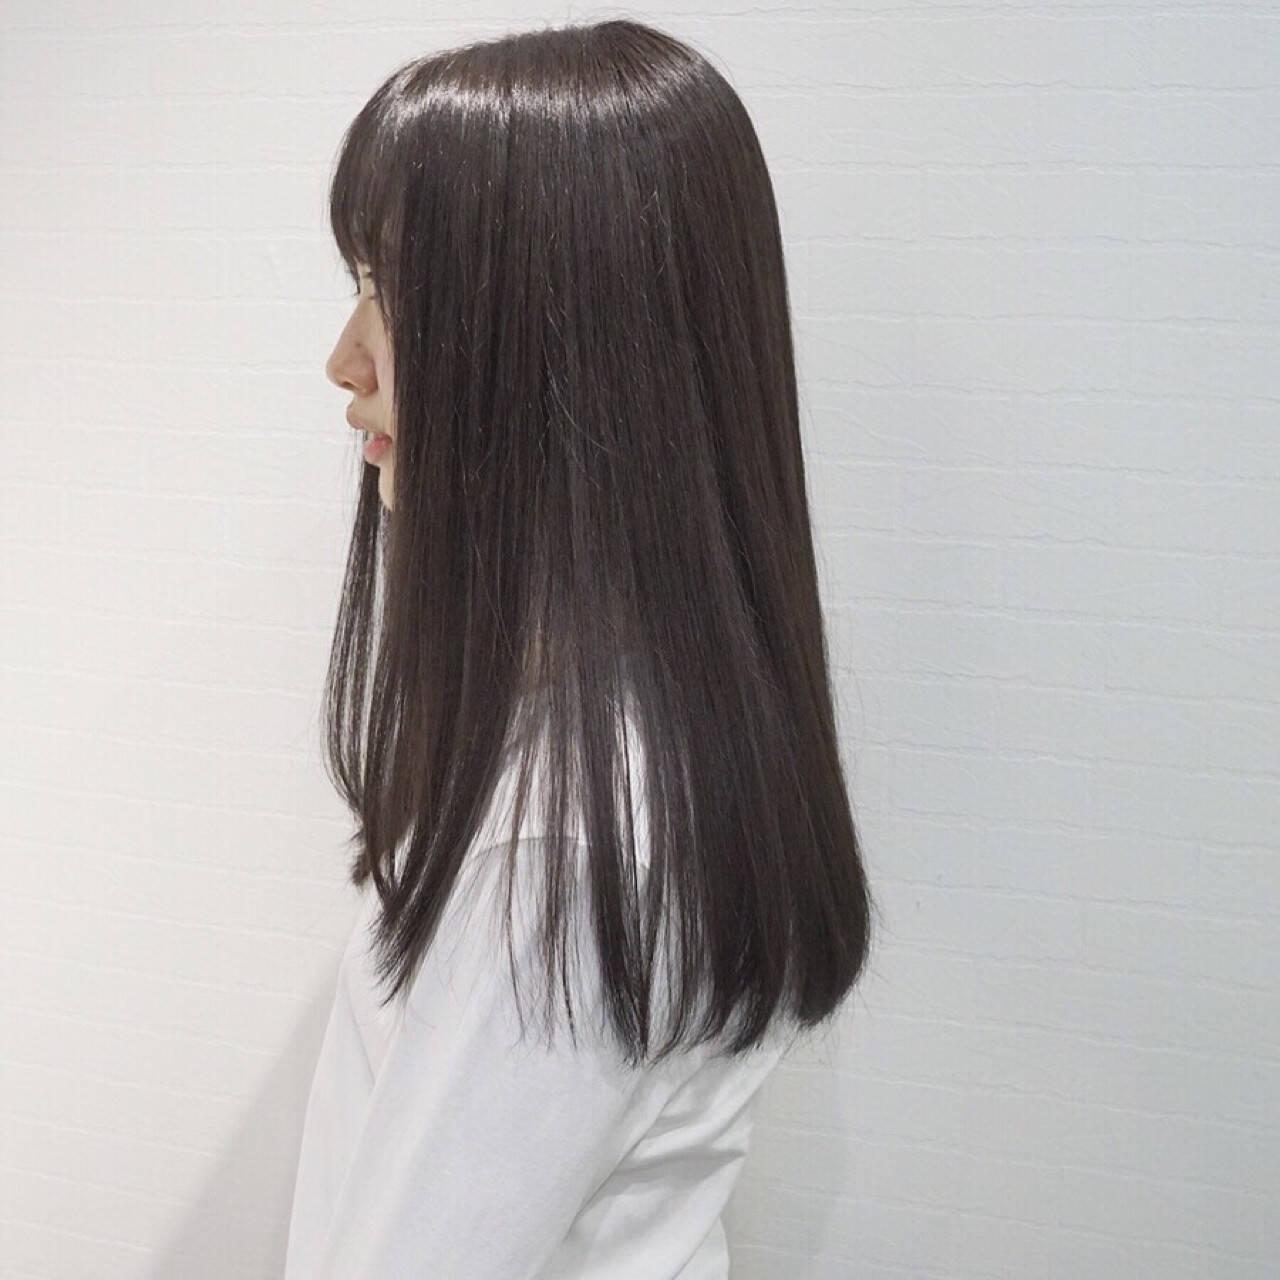 パーマ ストレート 縮毛矯正 ロングヘアスタイルや髪型の写真・画像